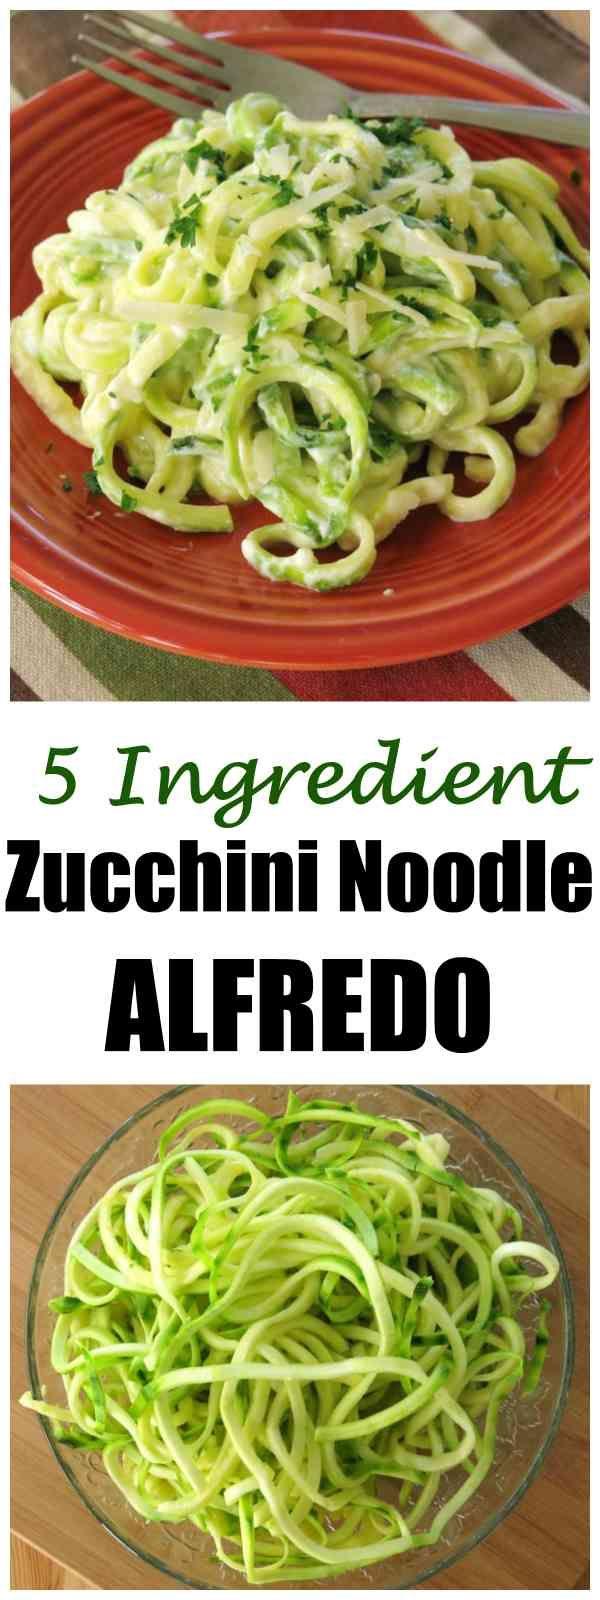 Keto Zucchini Noodle Alfredo Recipe